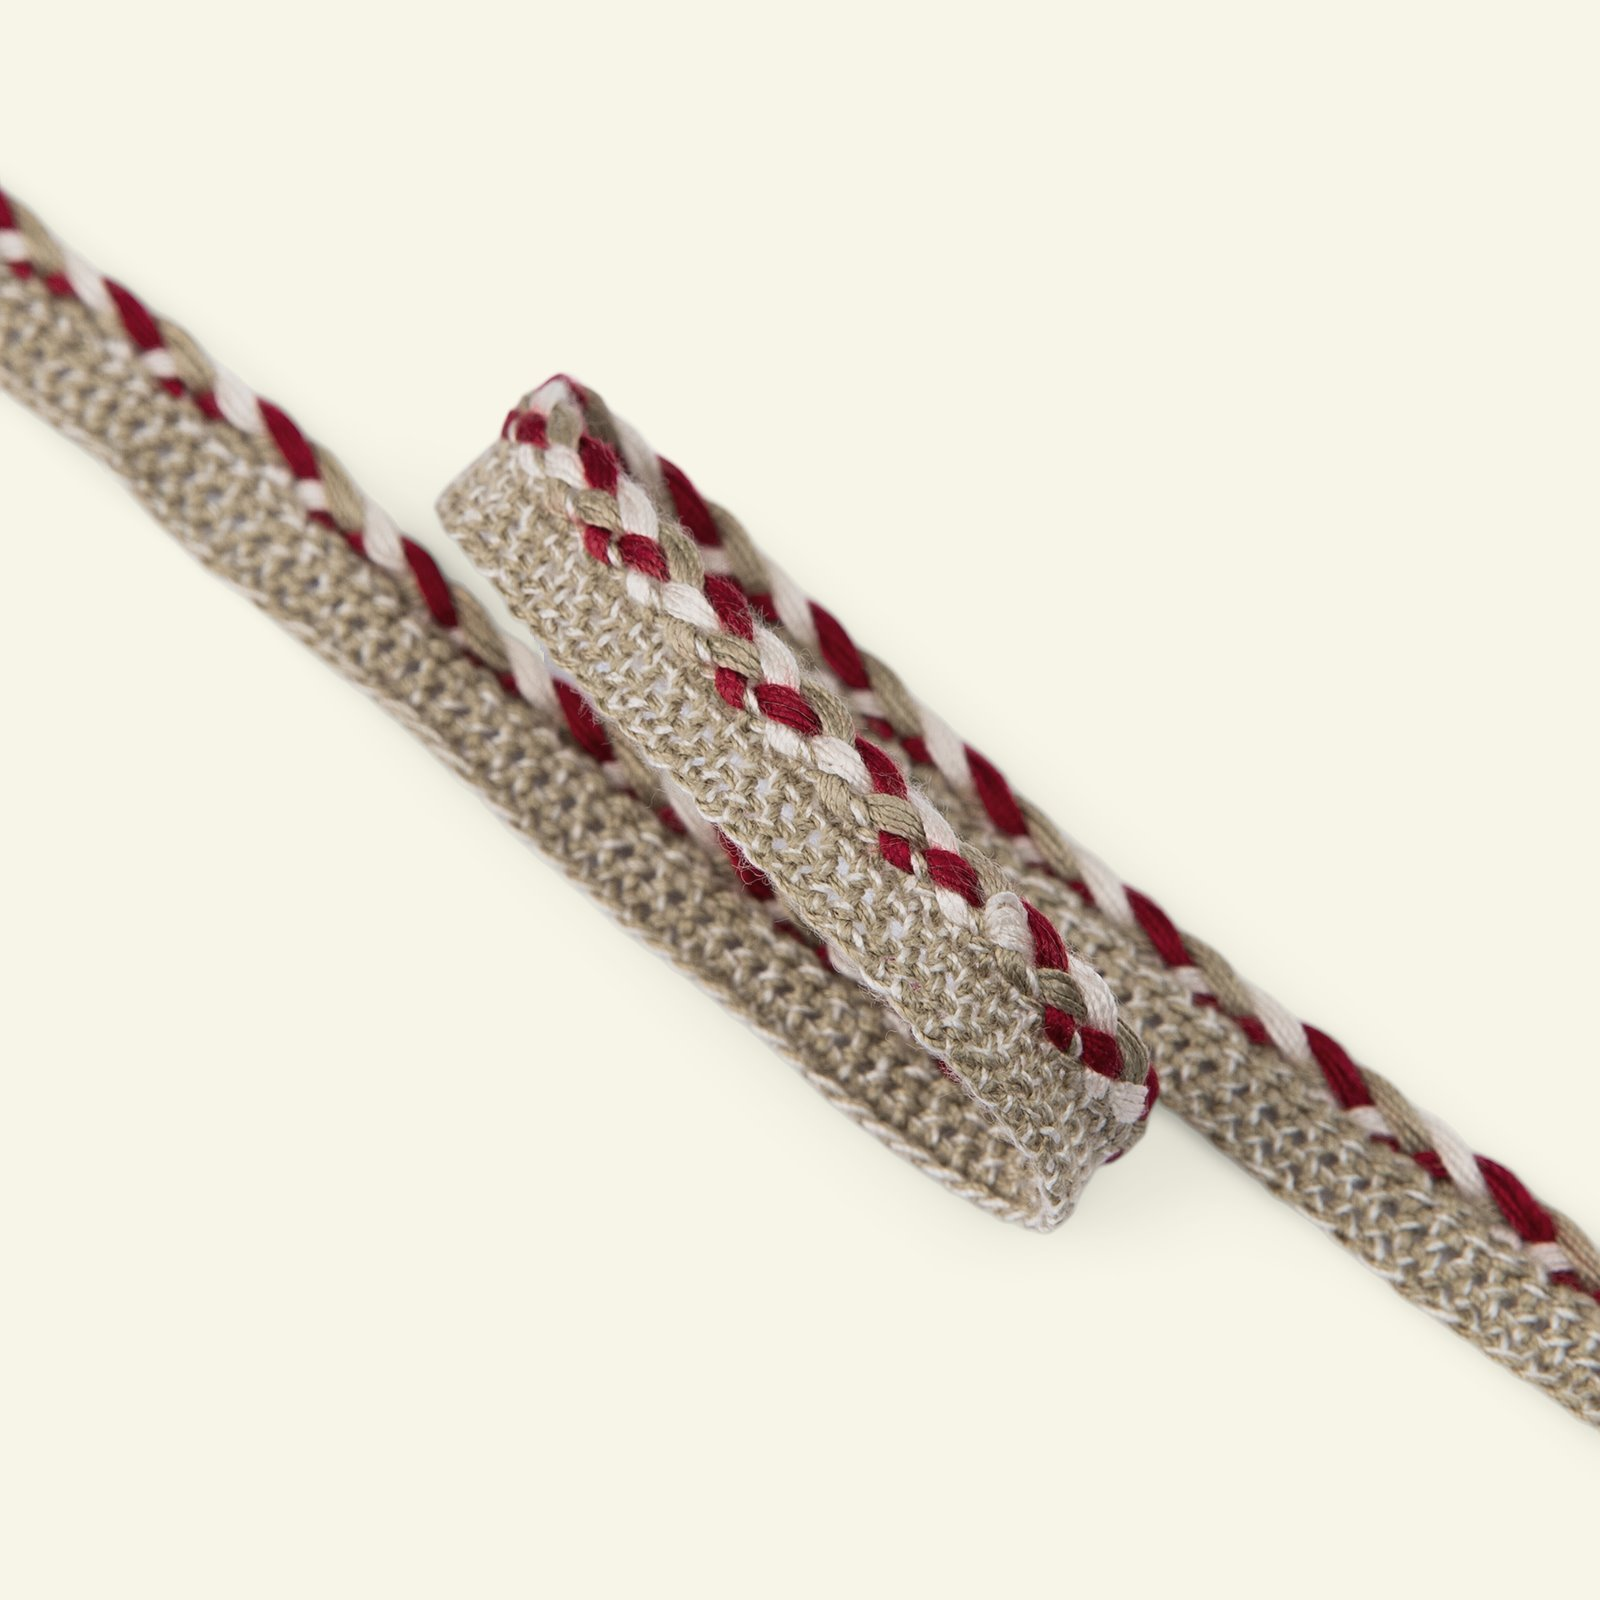 Flechtband 12mm Beige/Rot, 2m 22227_pack